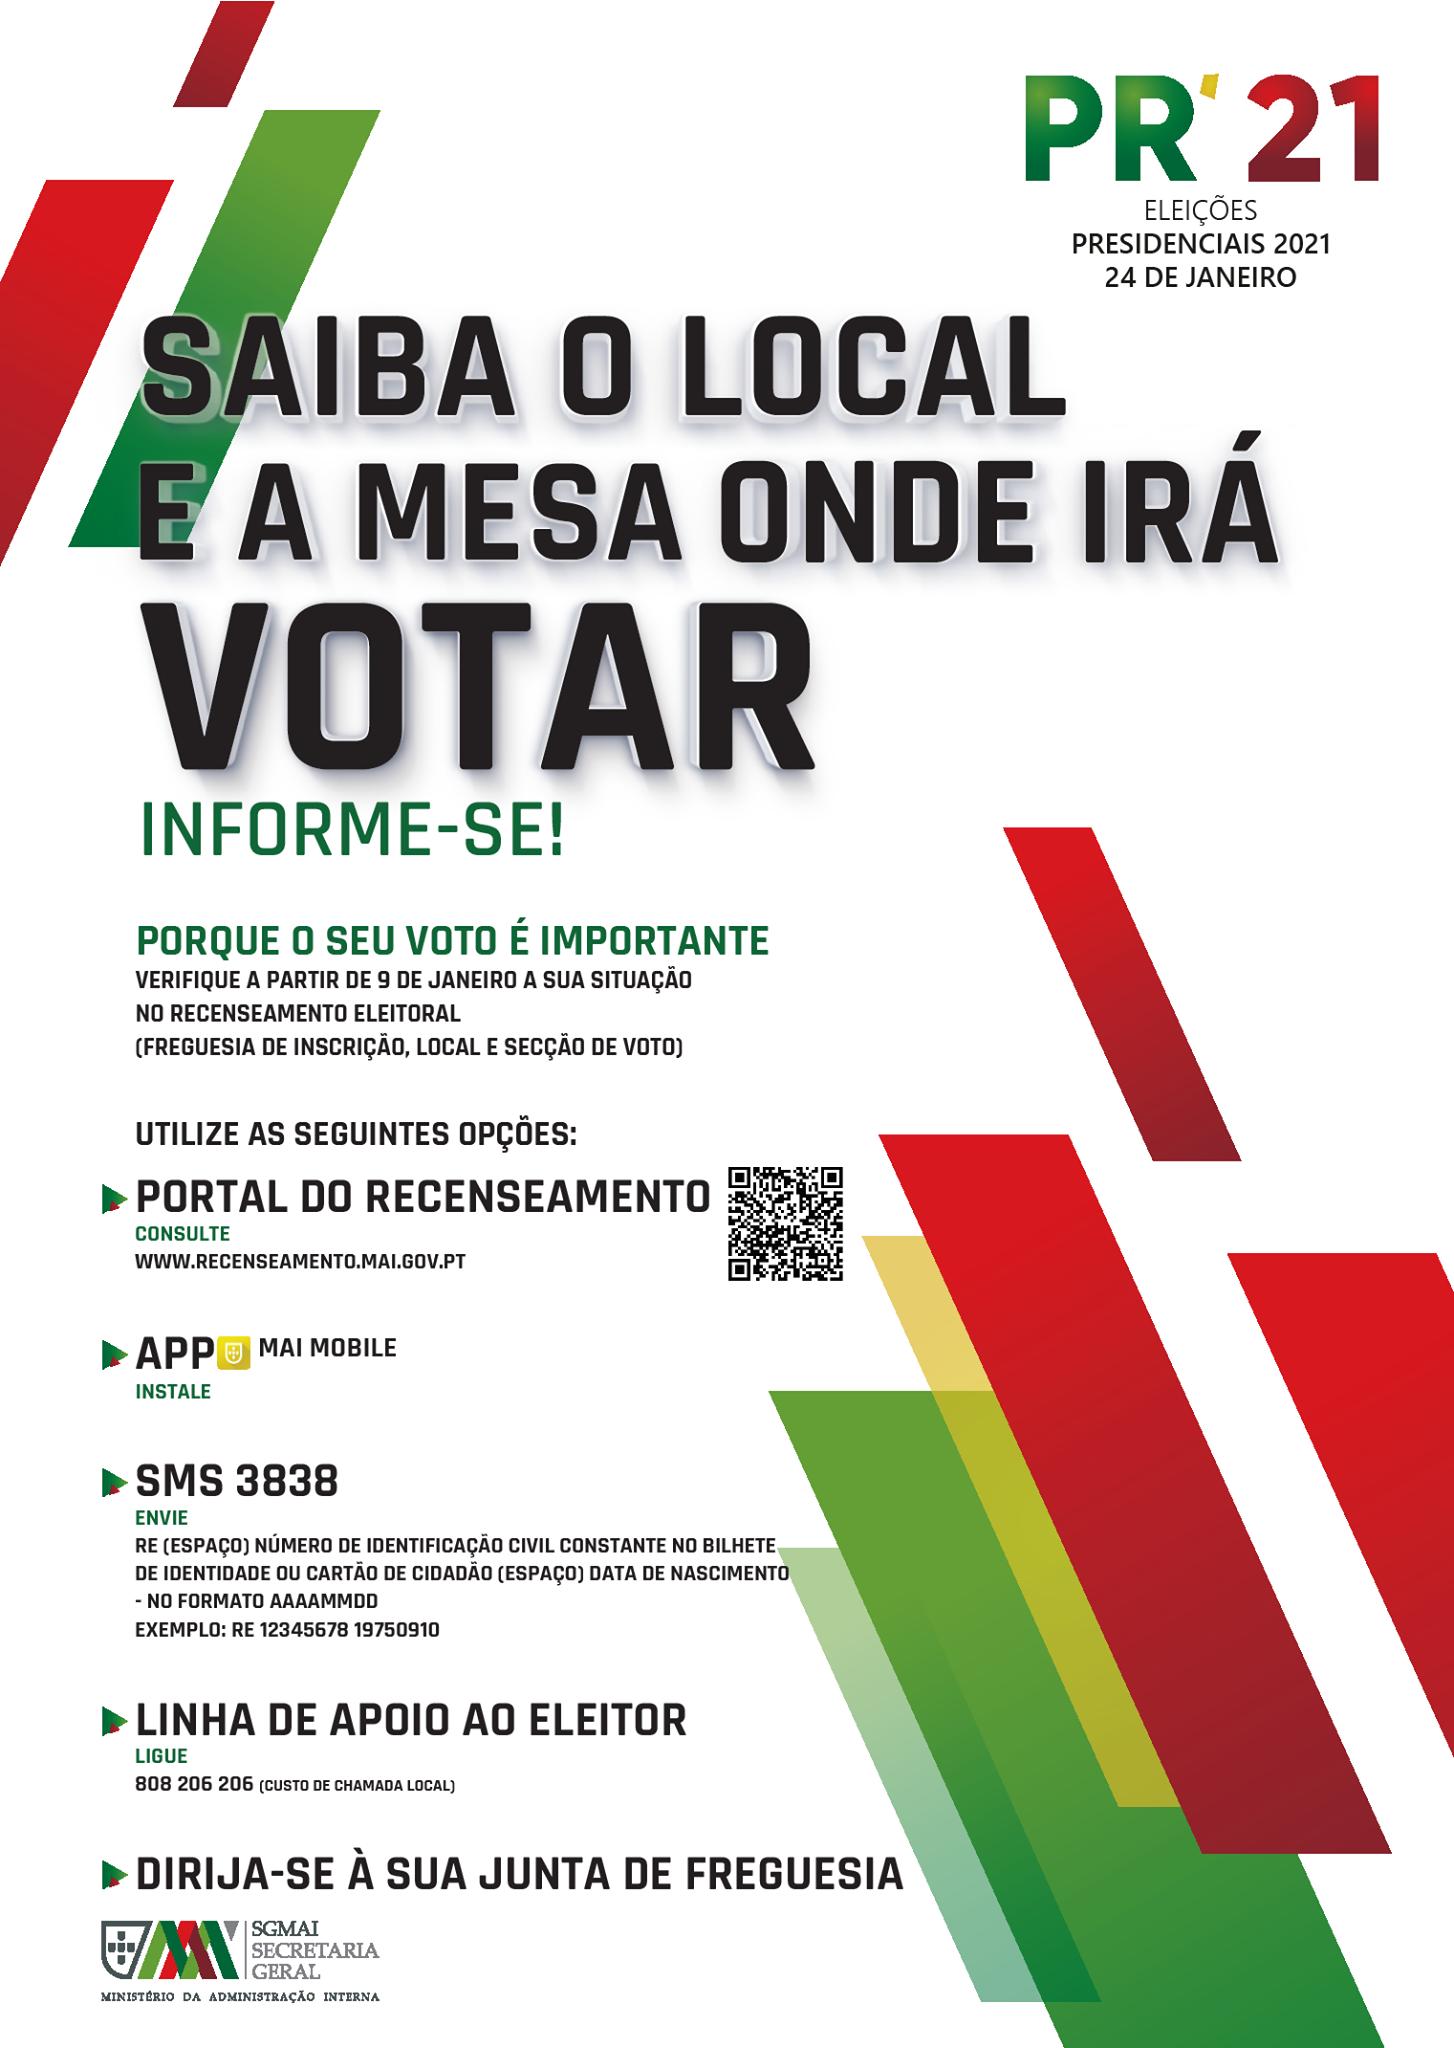 ELEIÇÕES PRESIDENCIAIS 2021 | informações